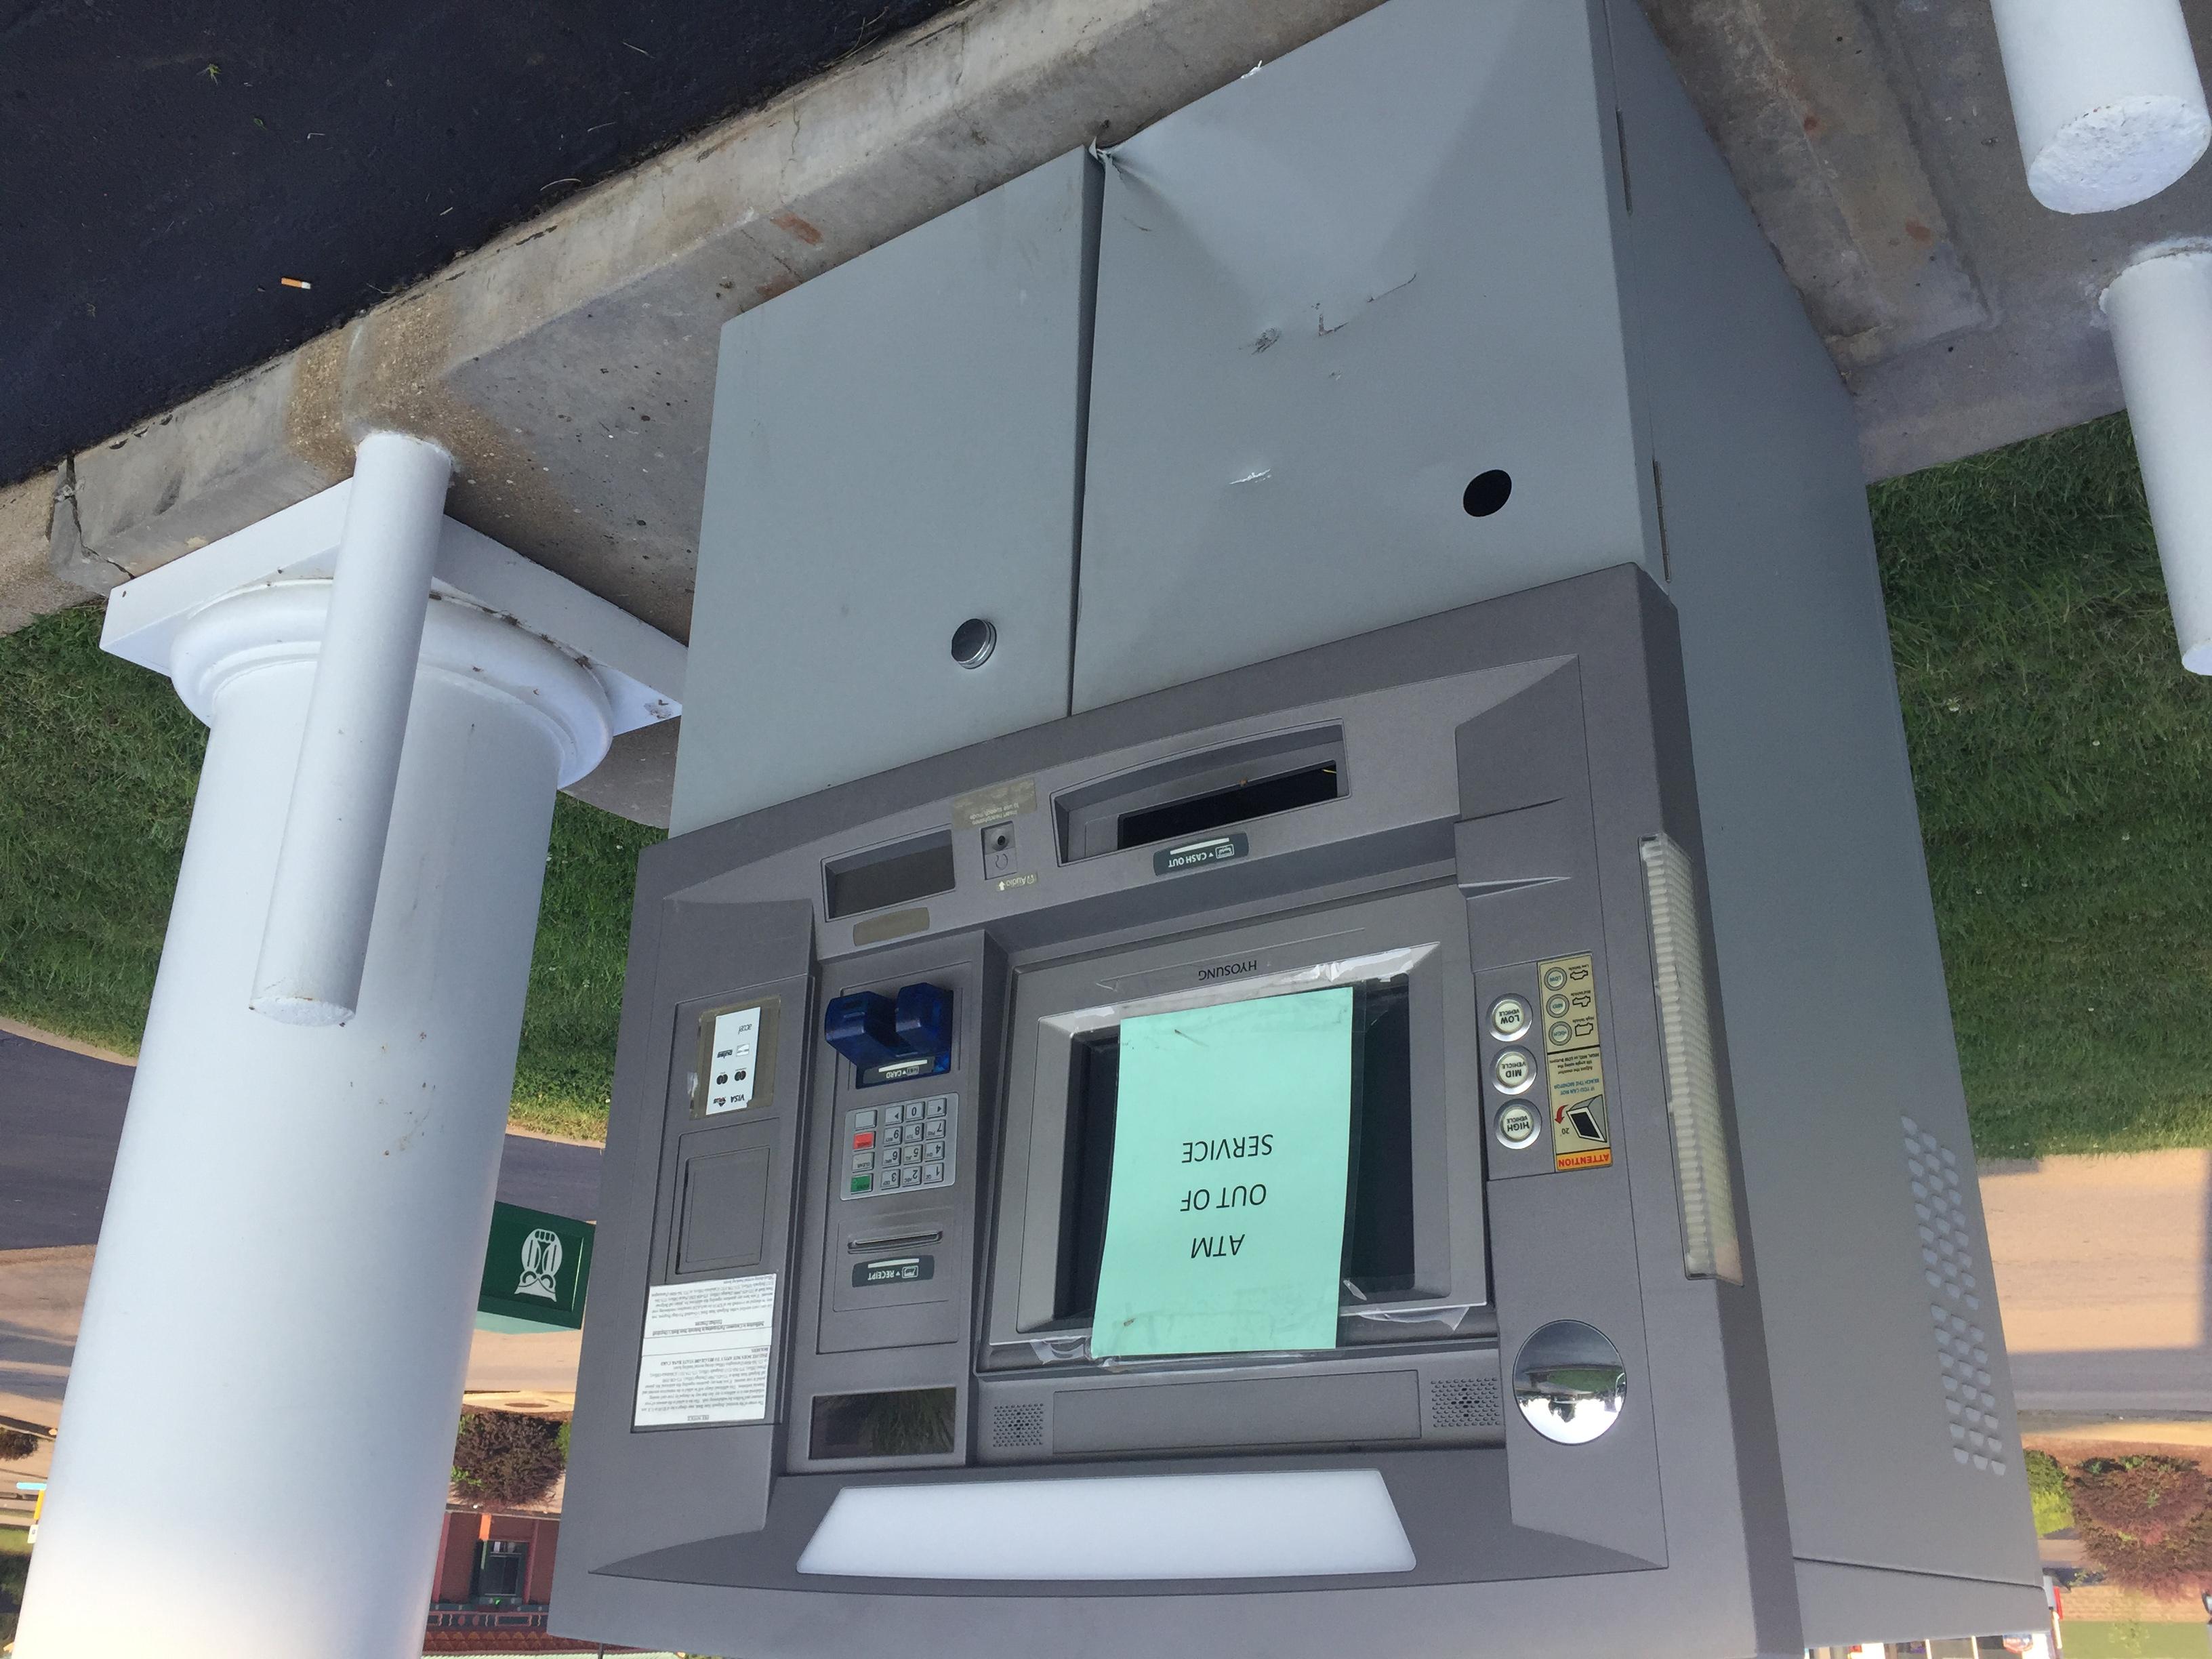 ATM Theft in Desloge Update